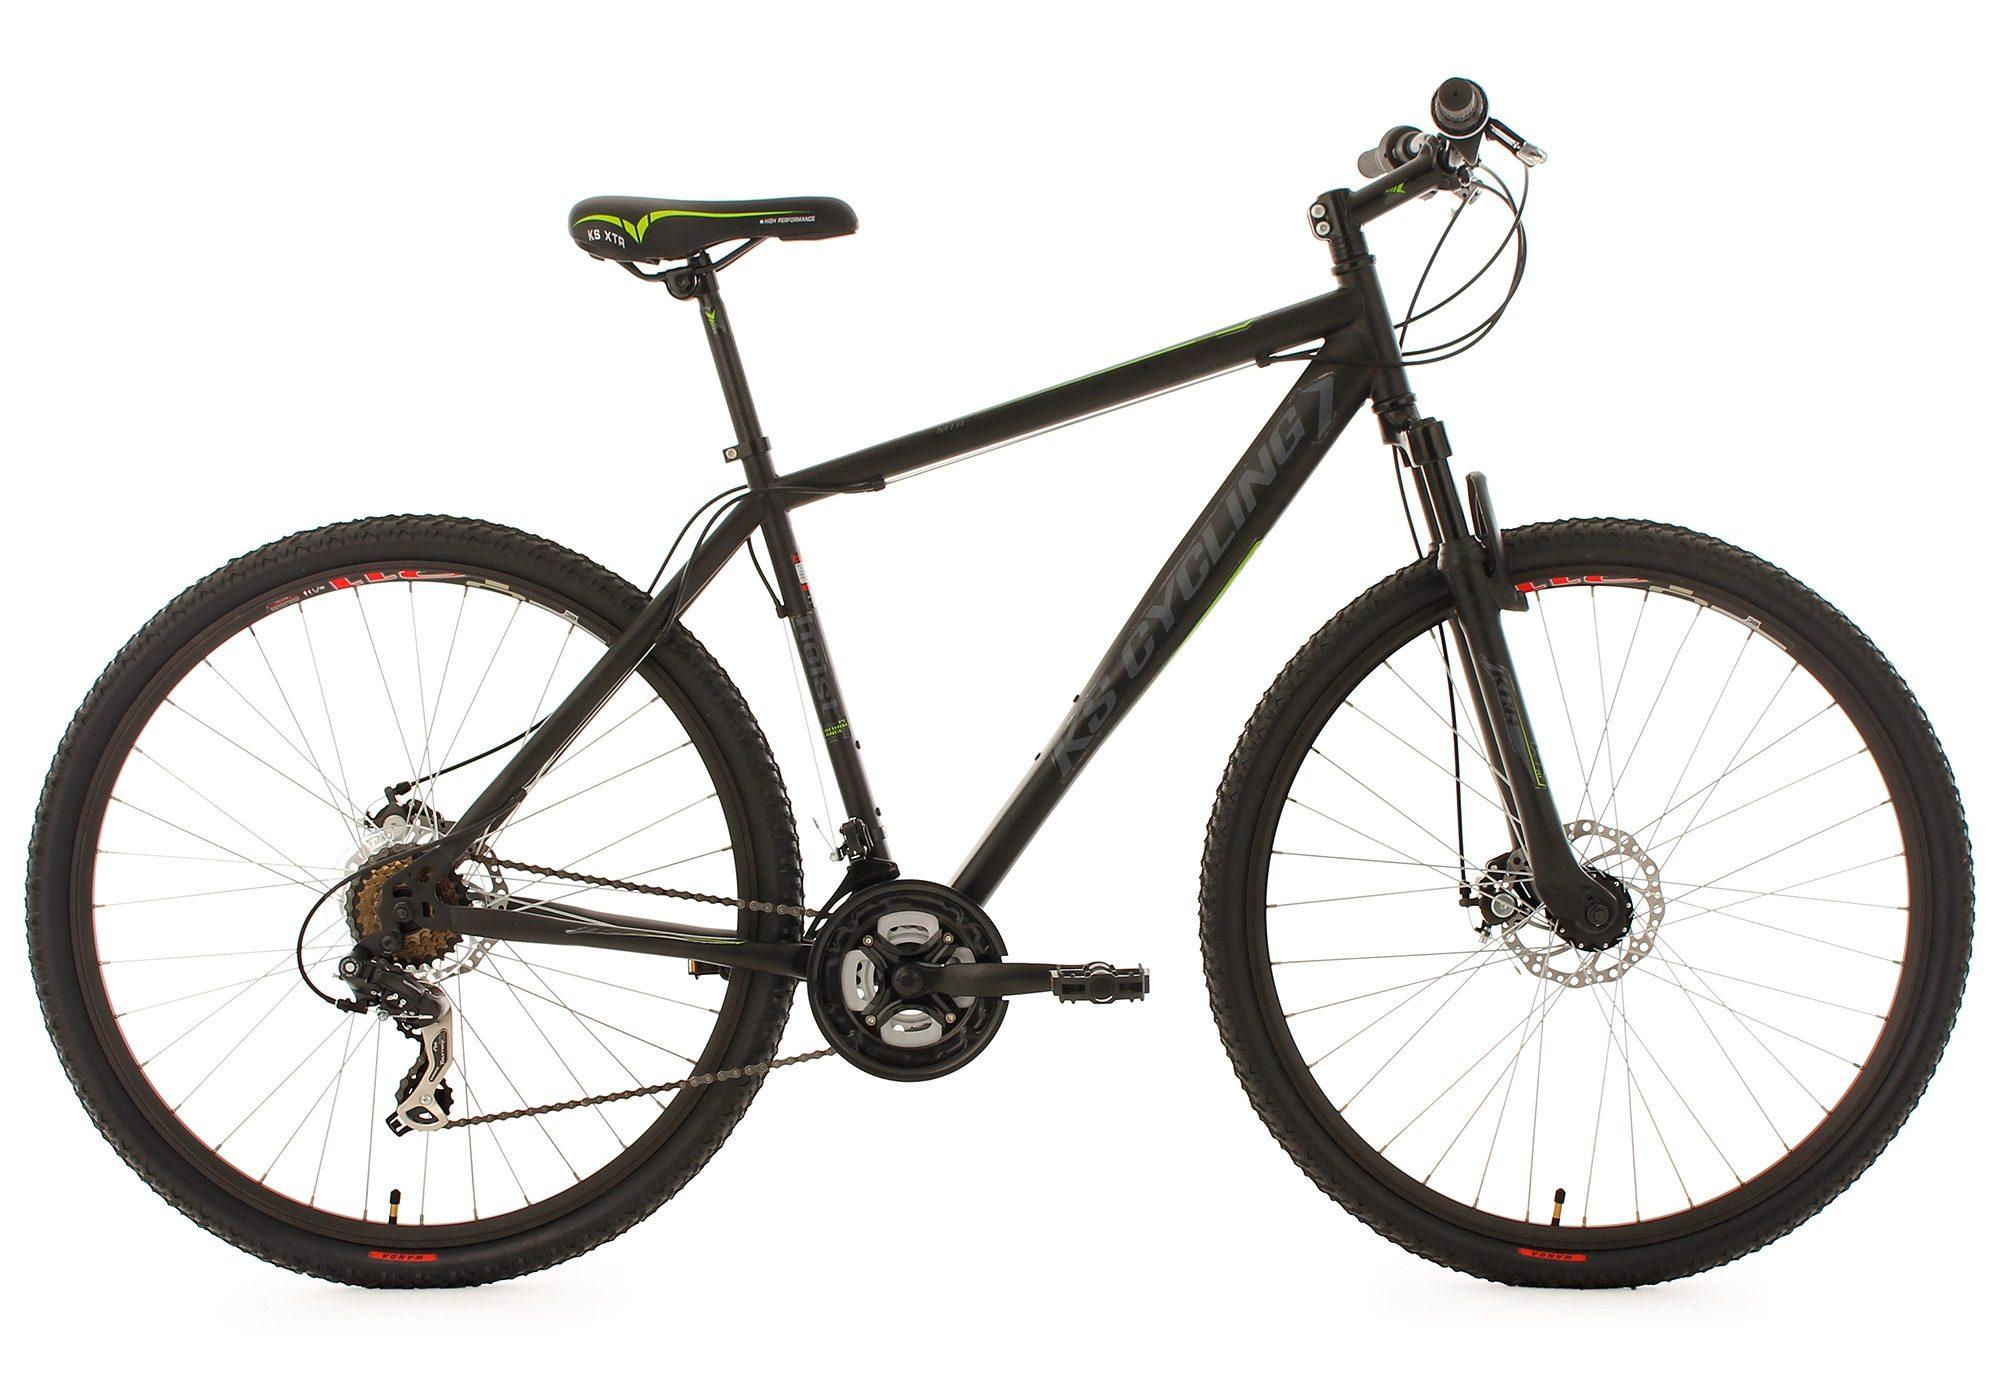 KS Cycling Hardtail Mountainbike, 29 Zoll, schwarz, 21 Gang Kettenschaltung, »Heist«